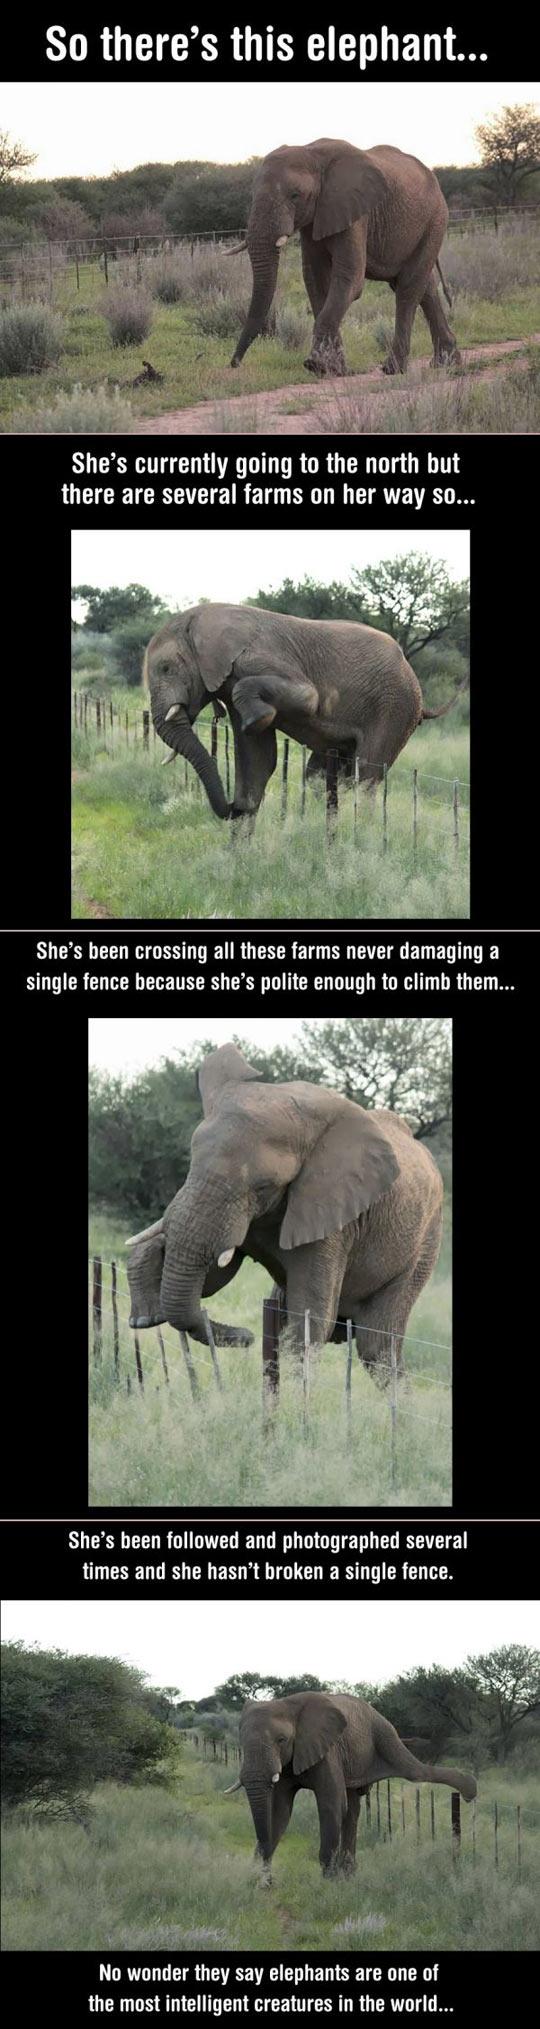 funny-elephant-climb-fence-farm